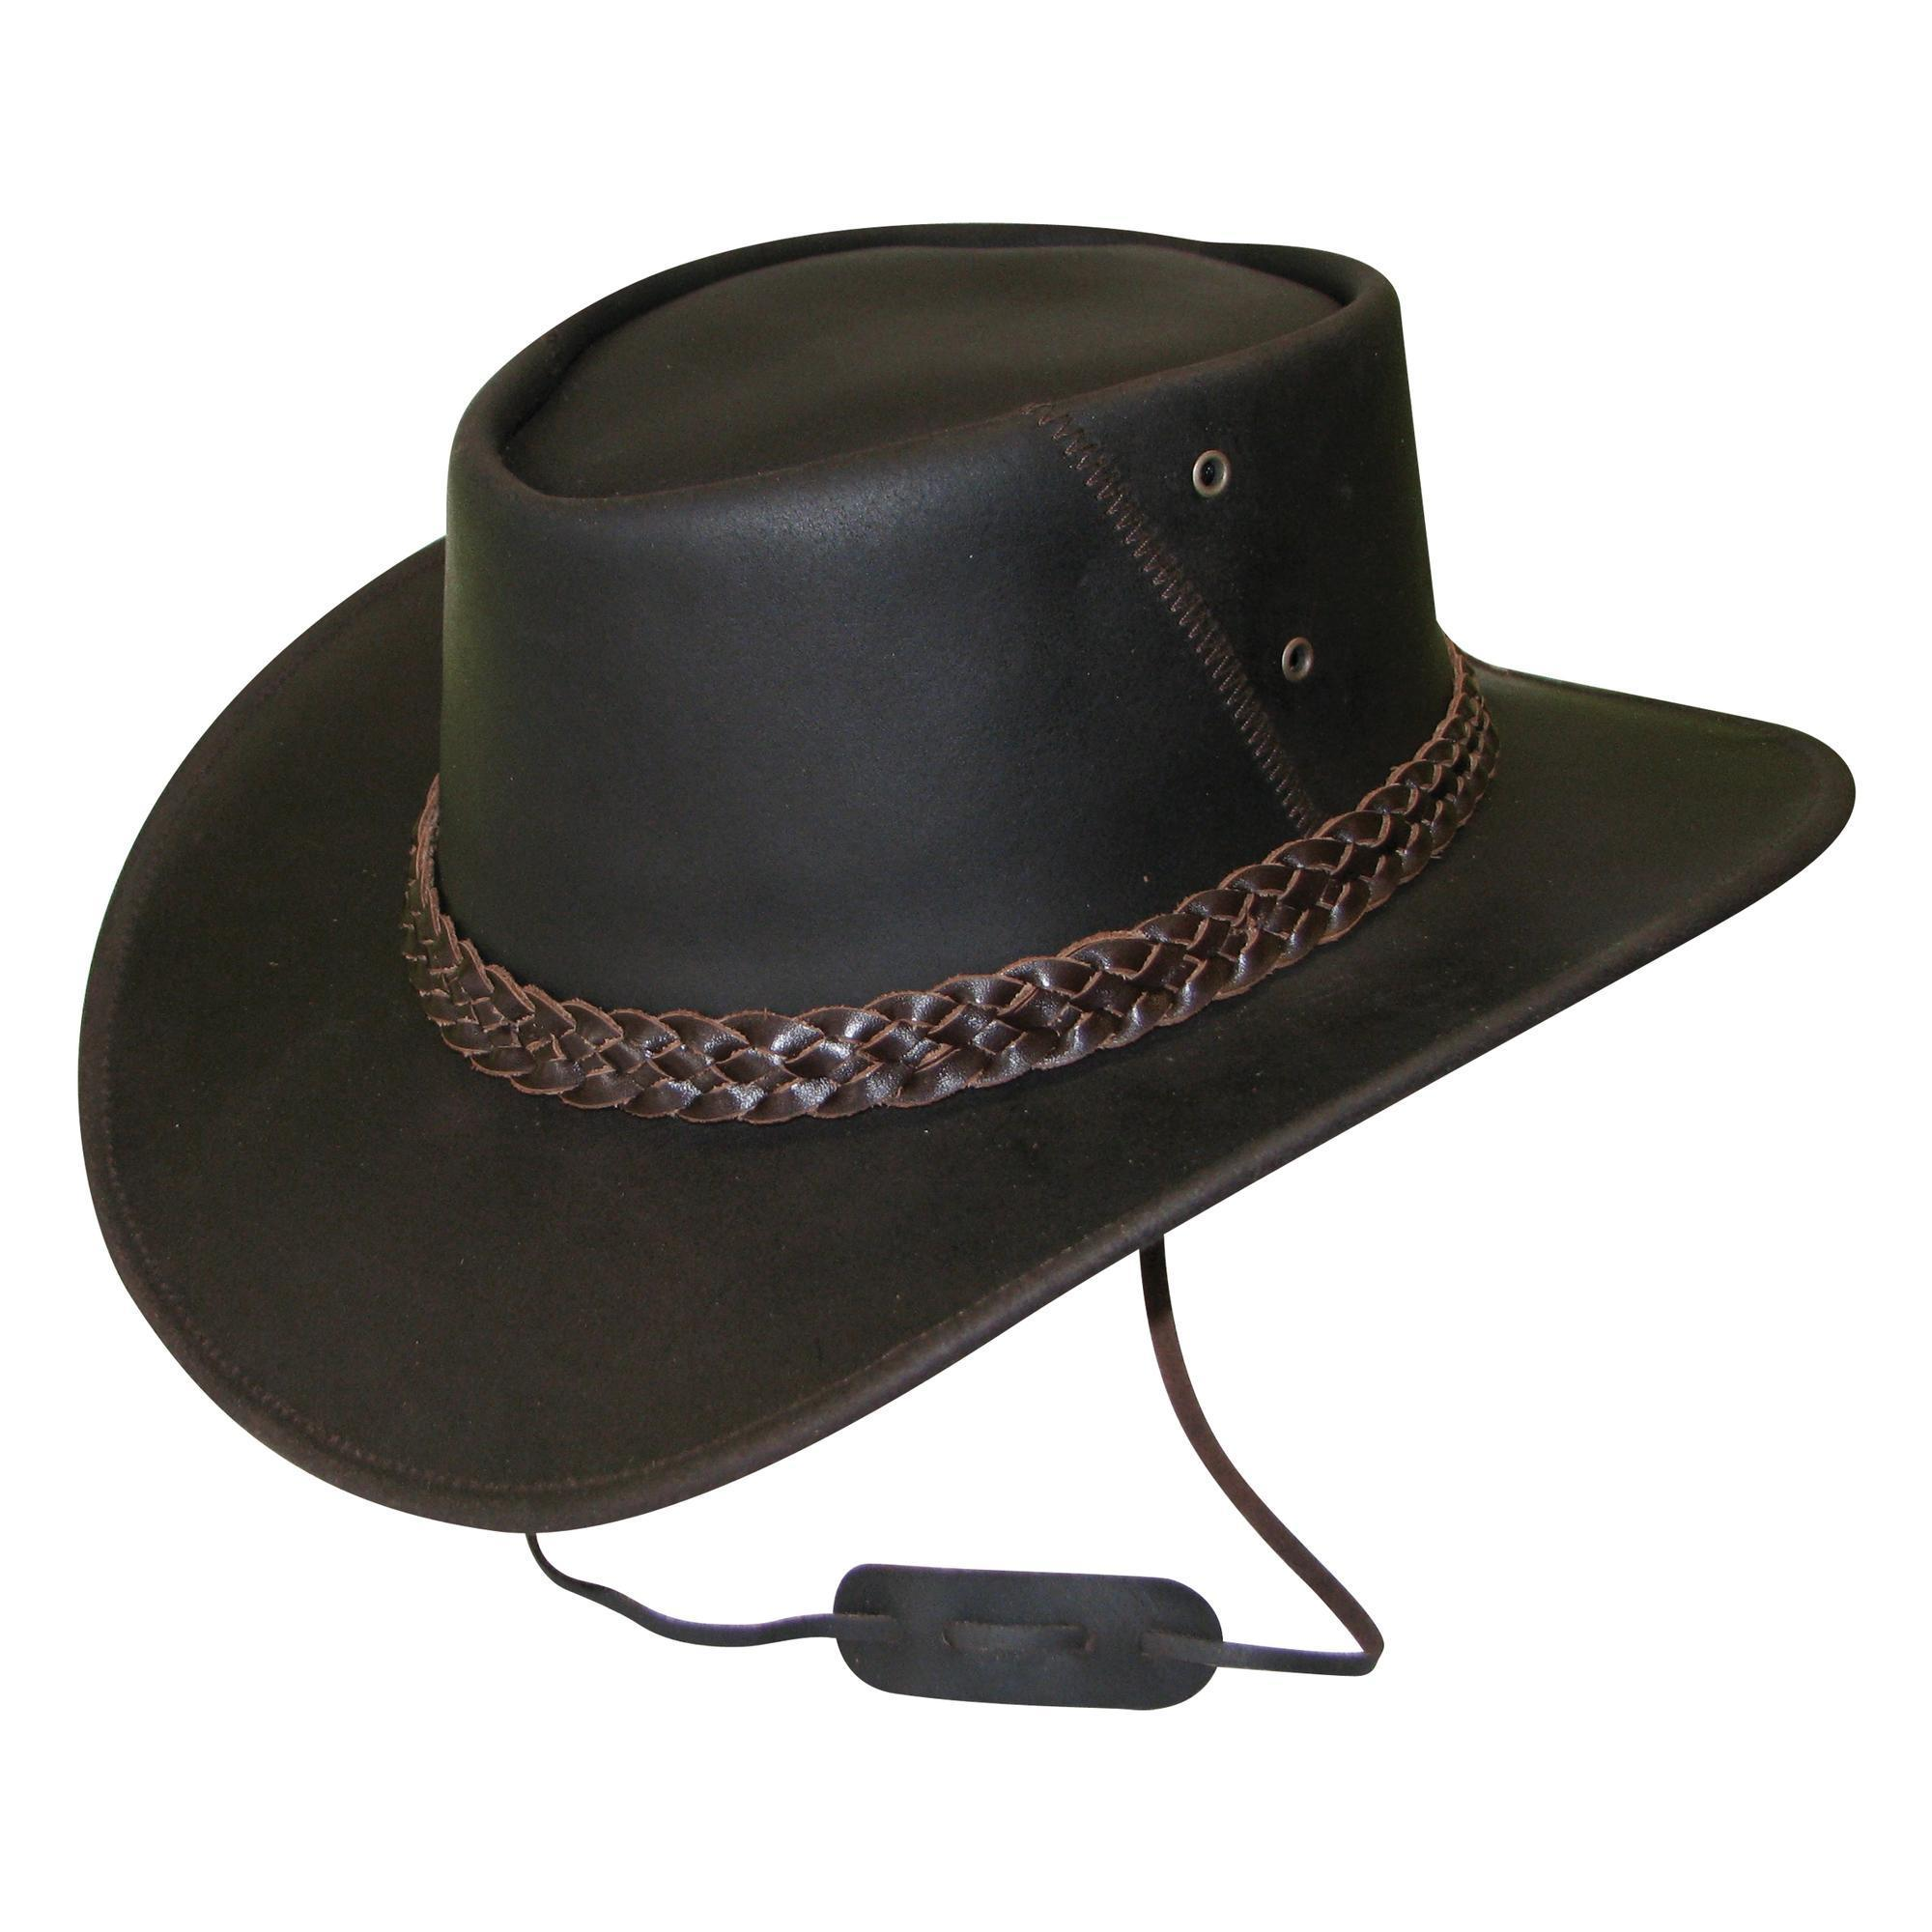 9da8951a Comprar Gorras y Sombreros para montar a caballo | Equitación